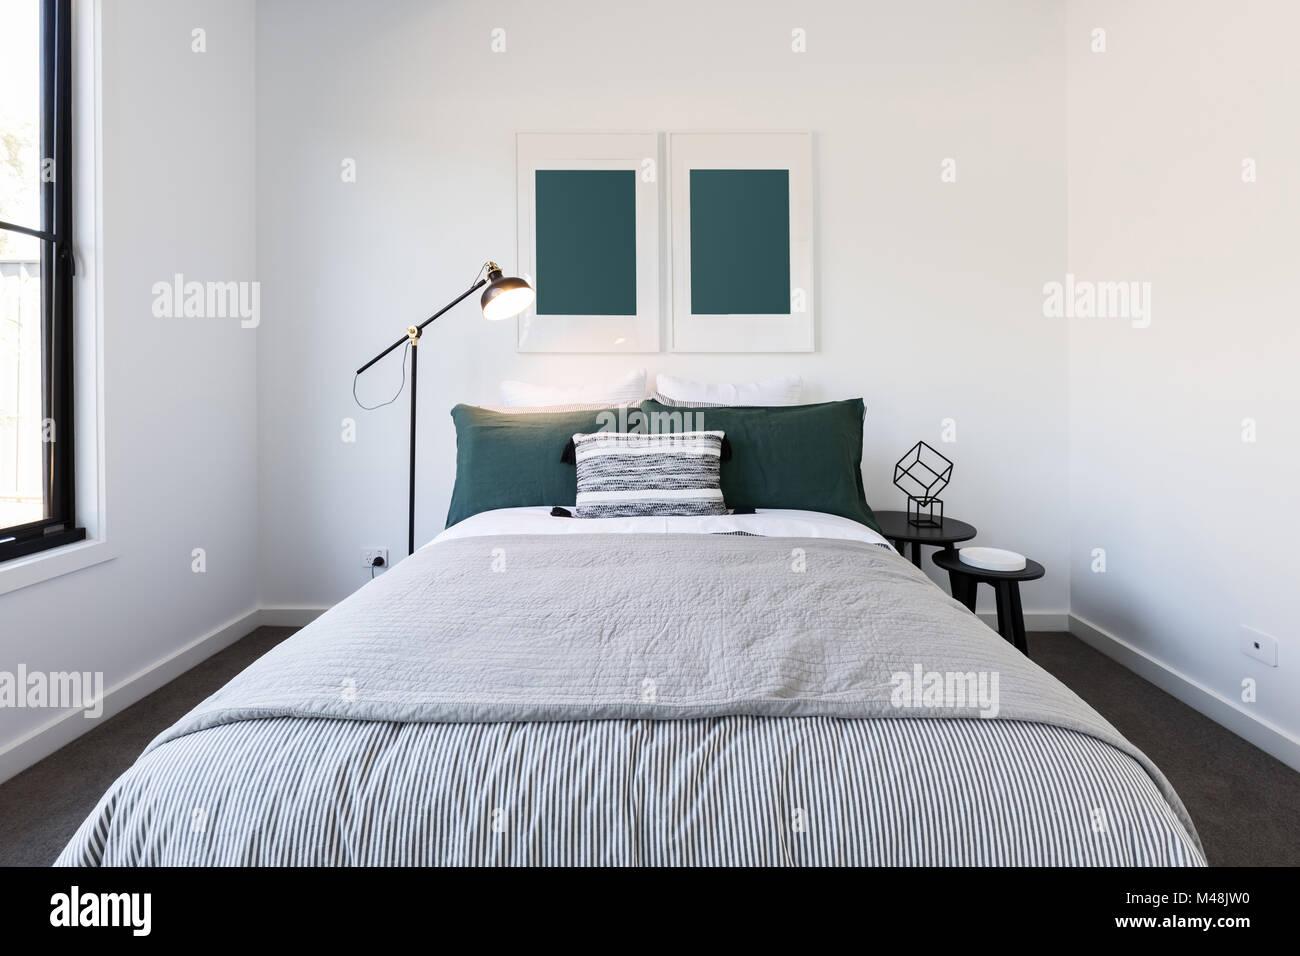 Dunkelgrün Und Weiß Luxus Schlafzimmer